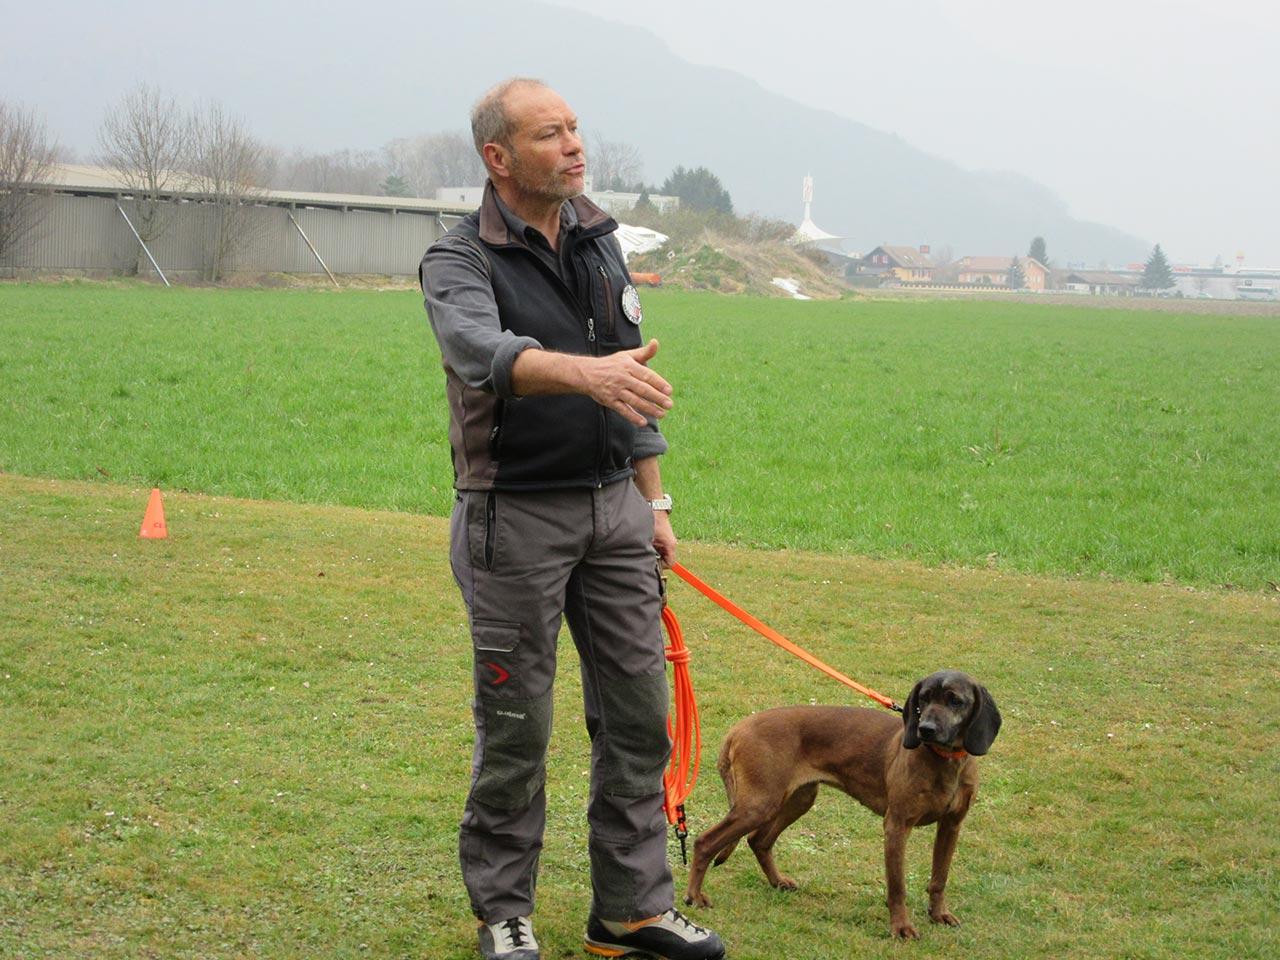 Serge Mariéthoz et sa chienne Noisette, un rouge de Bavière. Tel. Mobile Serge Mariéthoz, Garde Faune à Val d'Illiez : 079 355 39 11